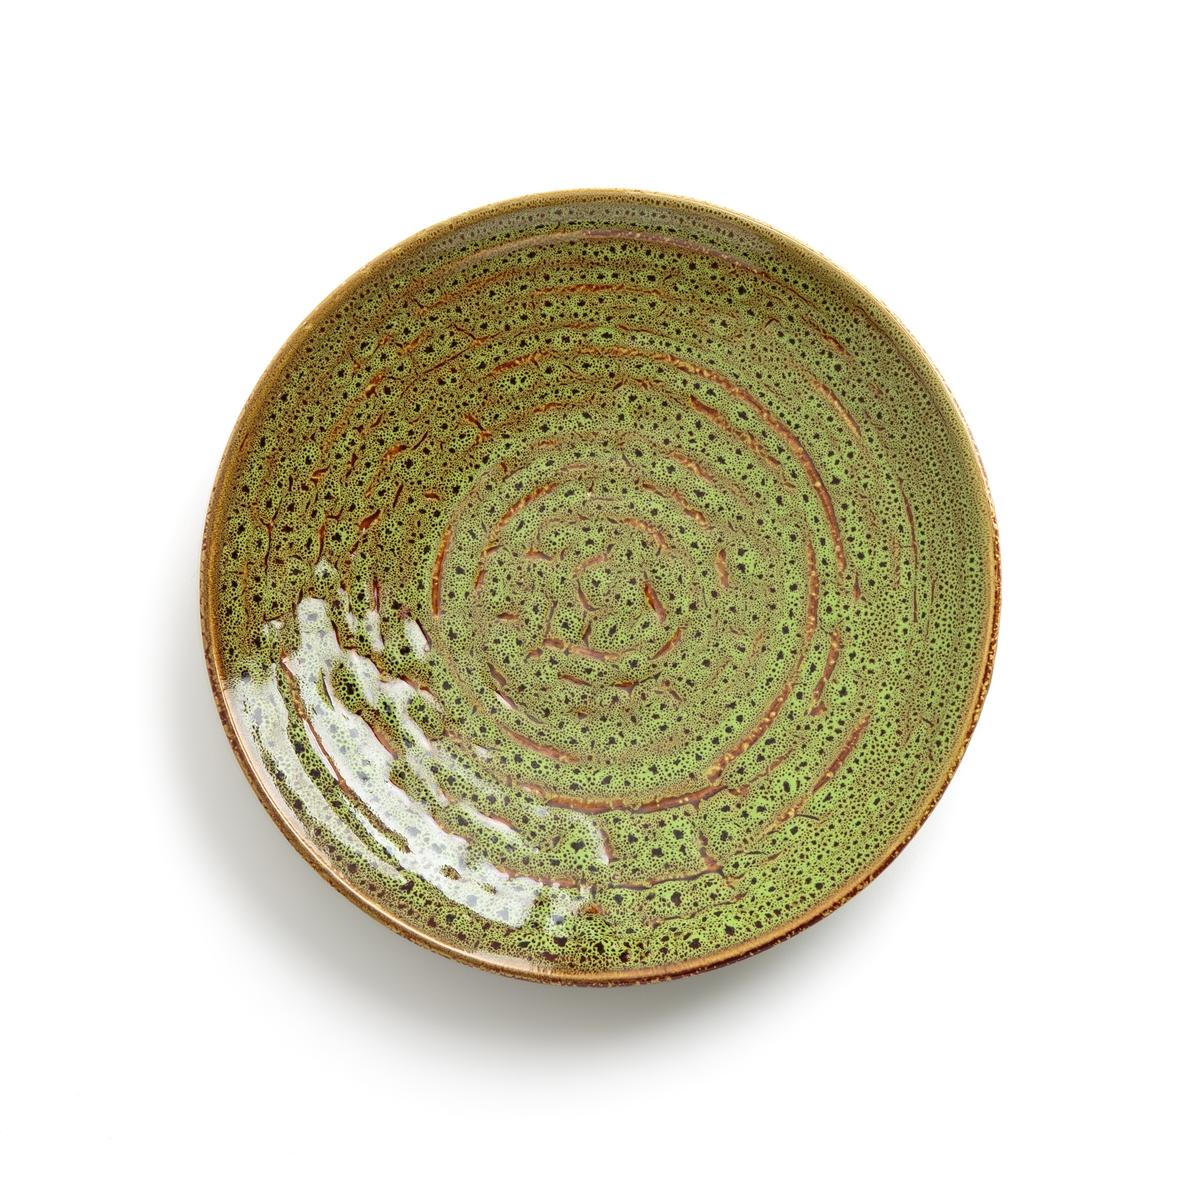 Тарелка для подачи из керамики TinolaТарелка для подачи Tinola. Оригинальная и элегантная с фарфором с эмалевым покрытием. Размер : ?25 x H4,5 см.<br><br>Цвет: зеленый